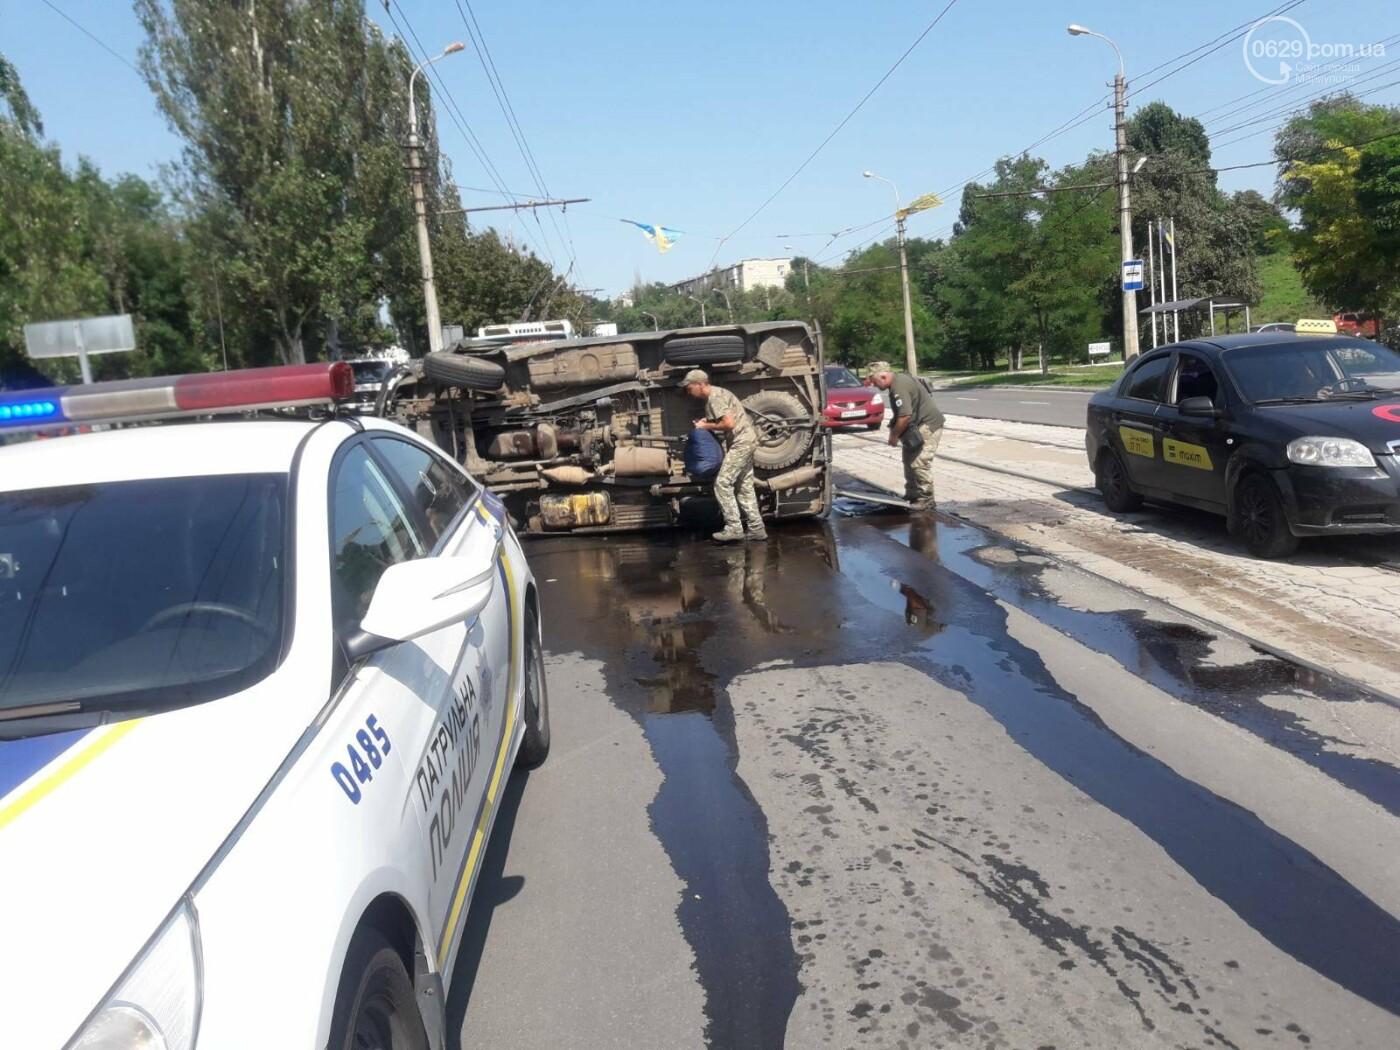 В Мариуполе на перекрестке перевернулся автомобиль военных медиков, - ФОТО, фото-3